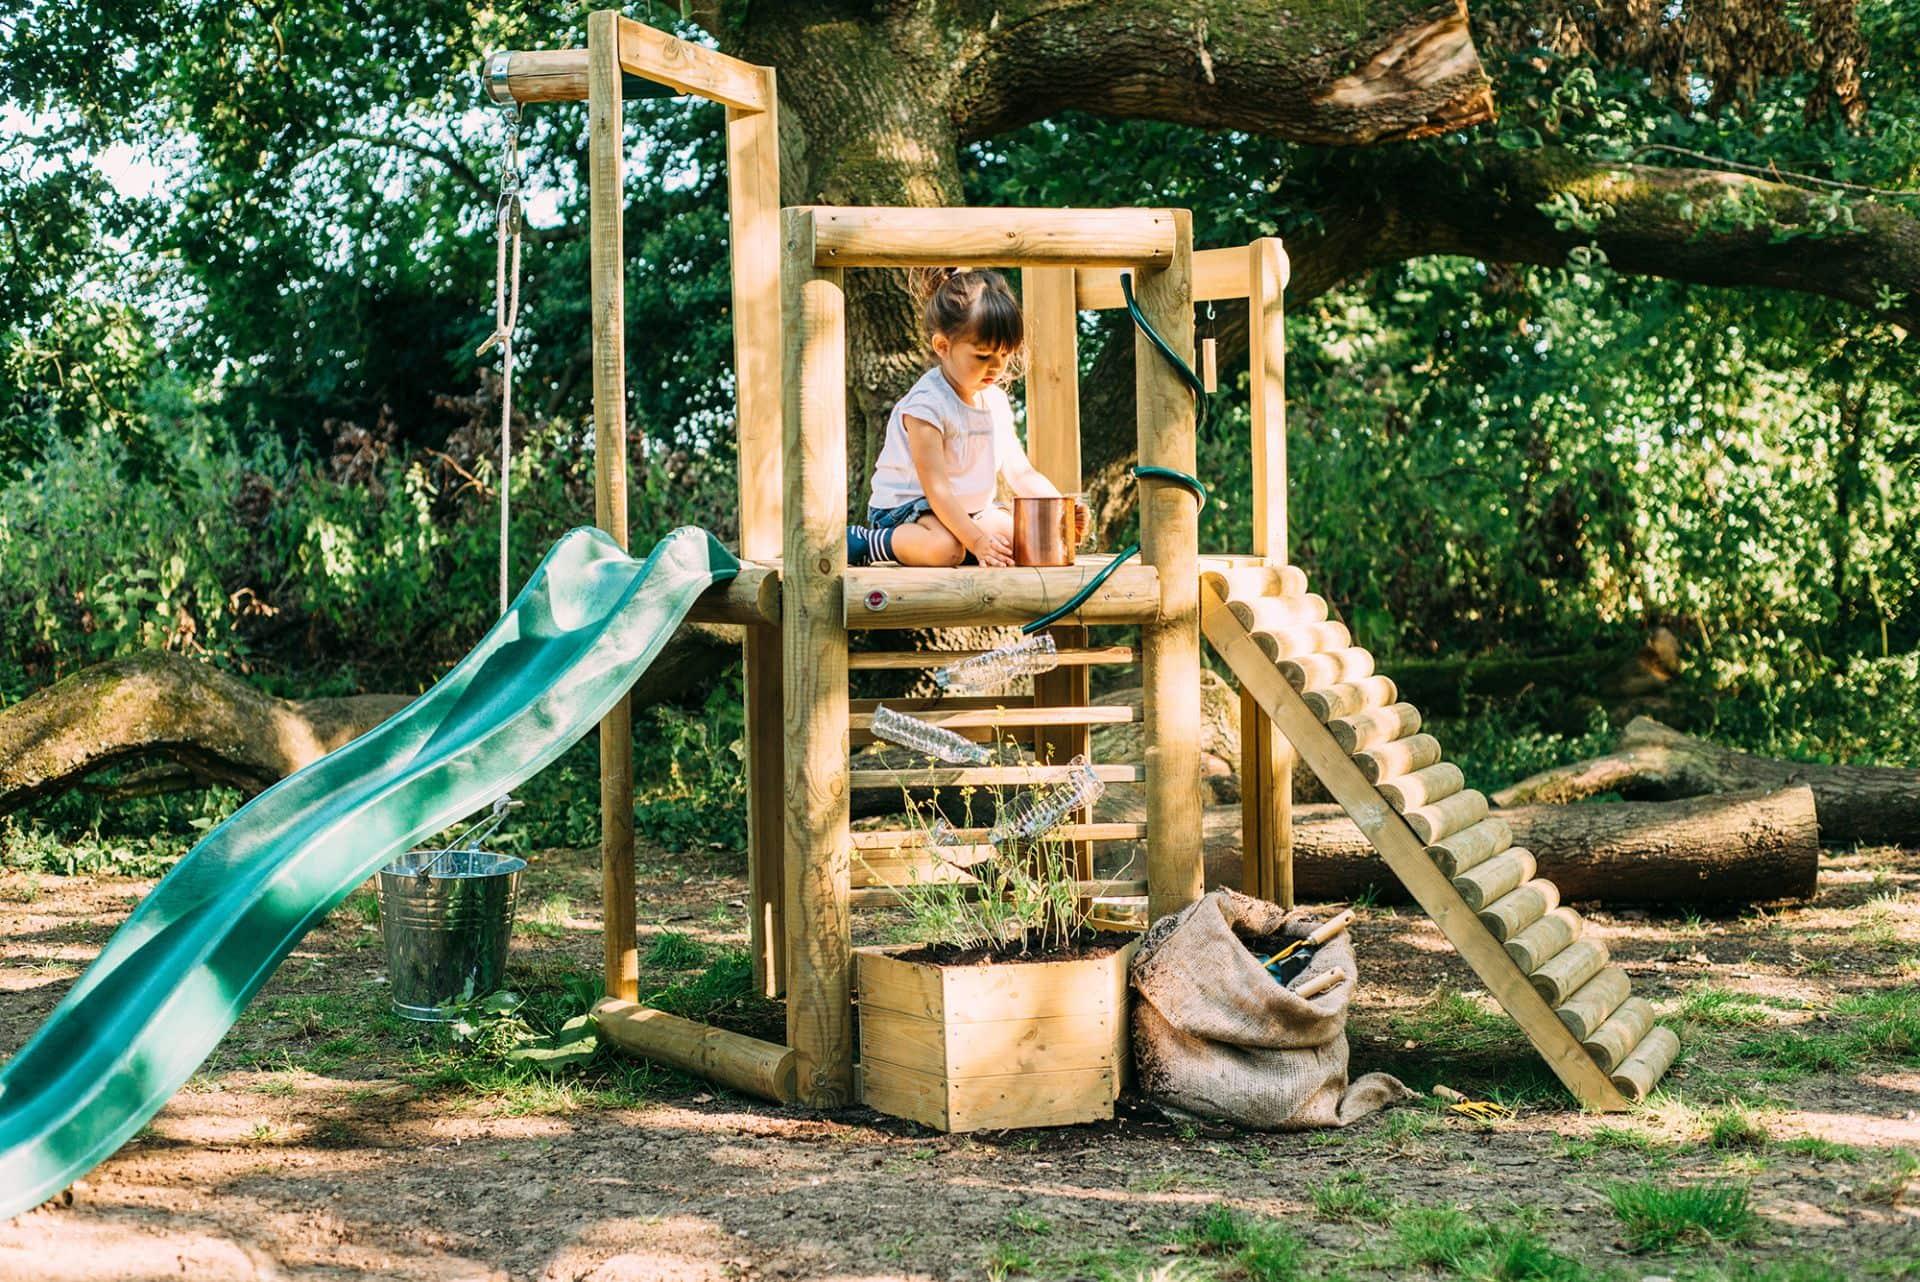 Kinder Klettergerüst Holz : Klettergerüste & spielgeräte einfach online kaufen mifus.de